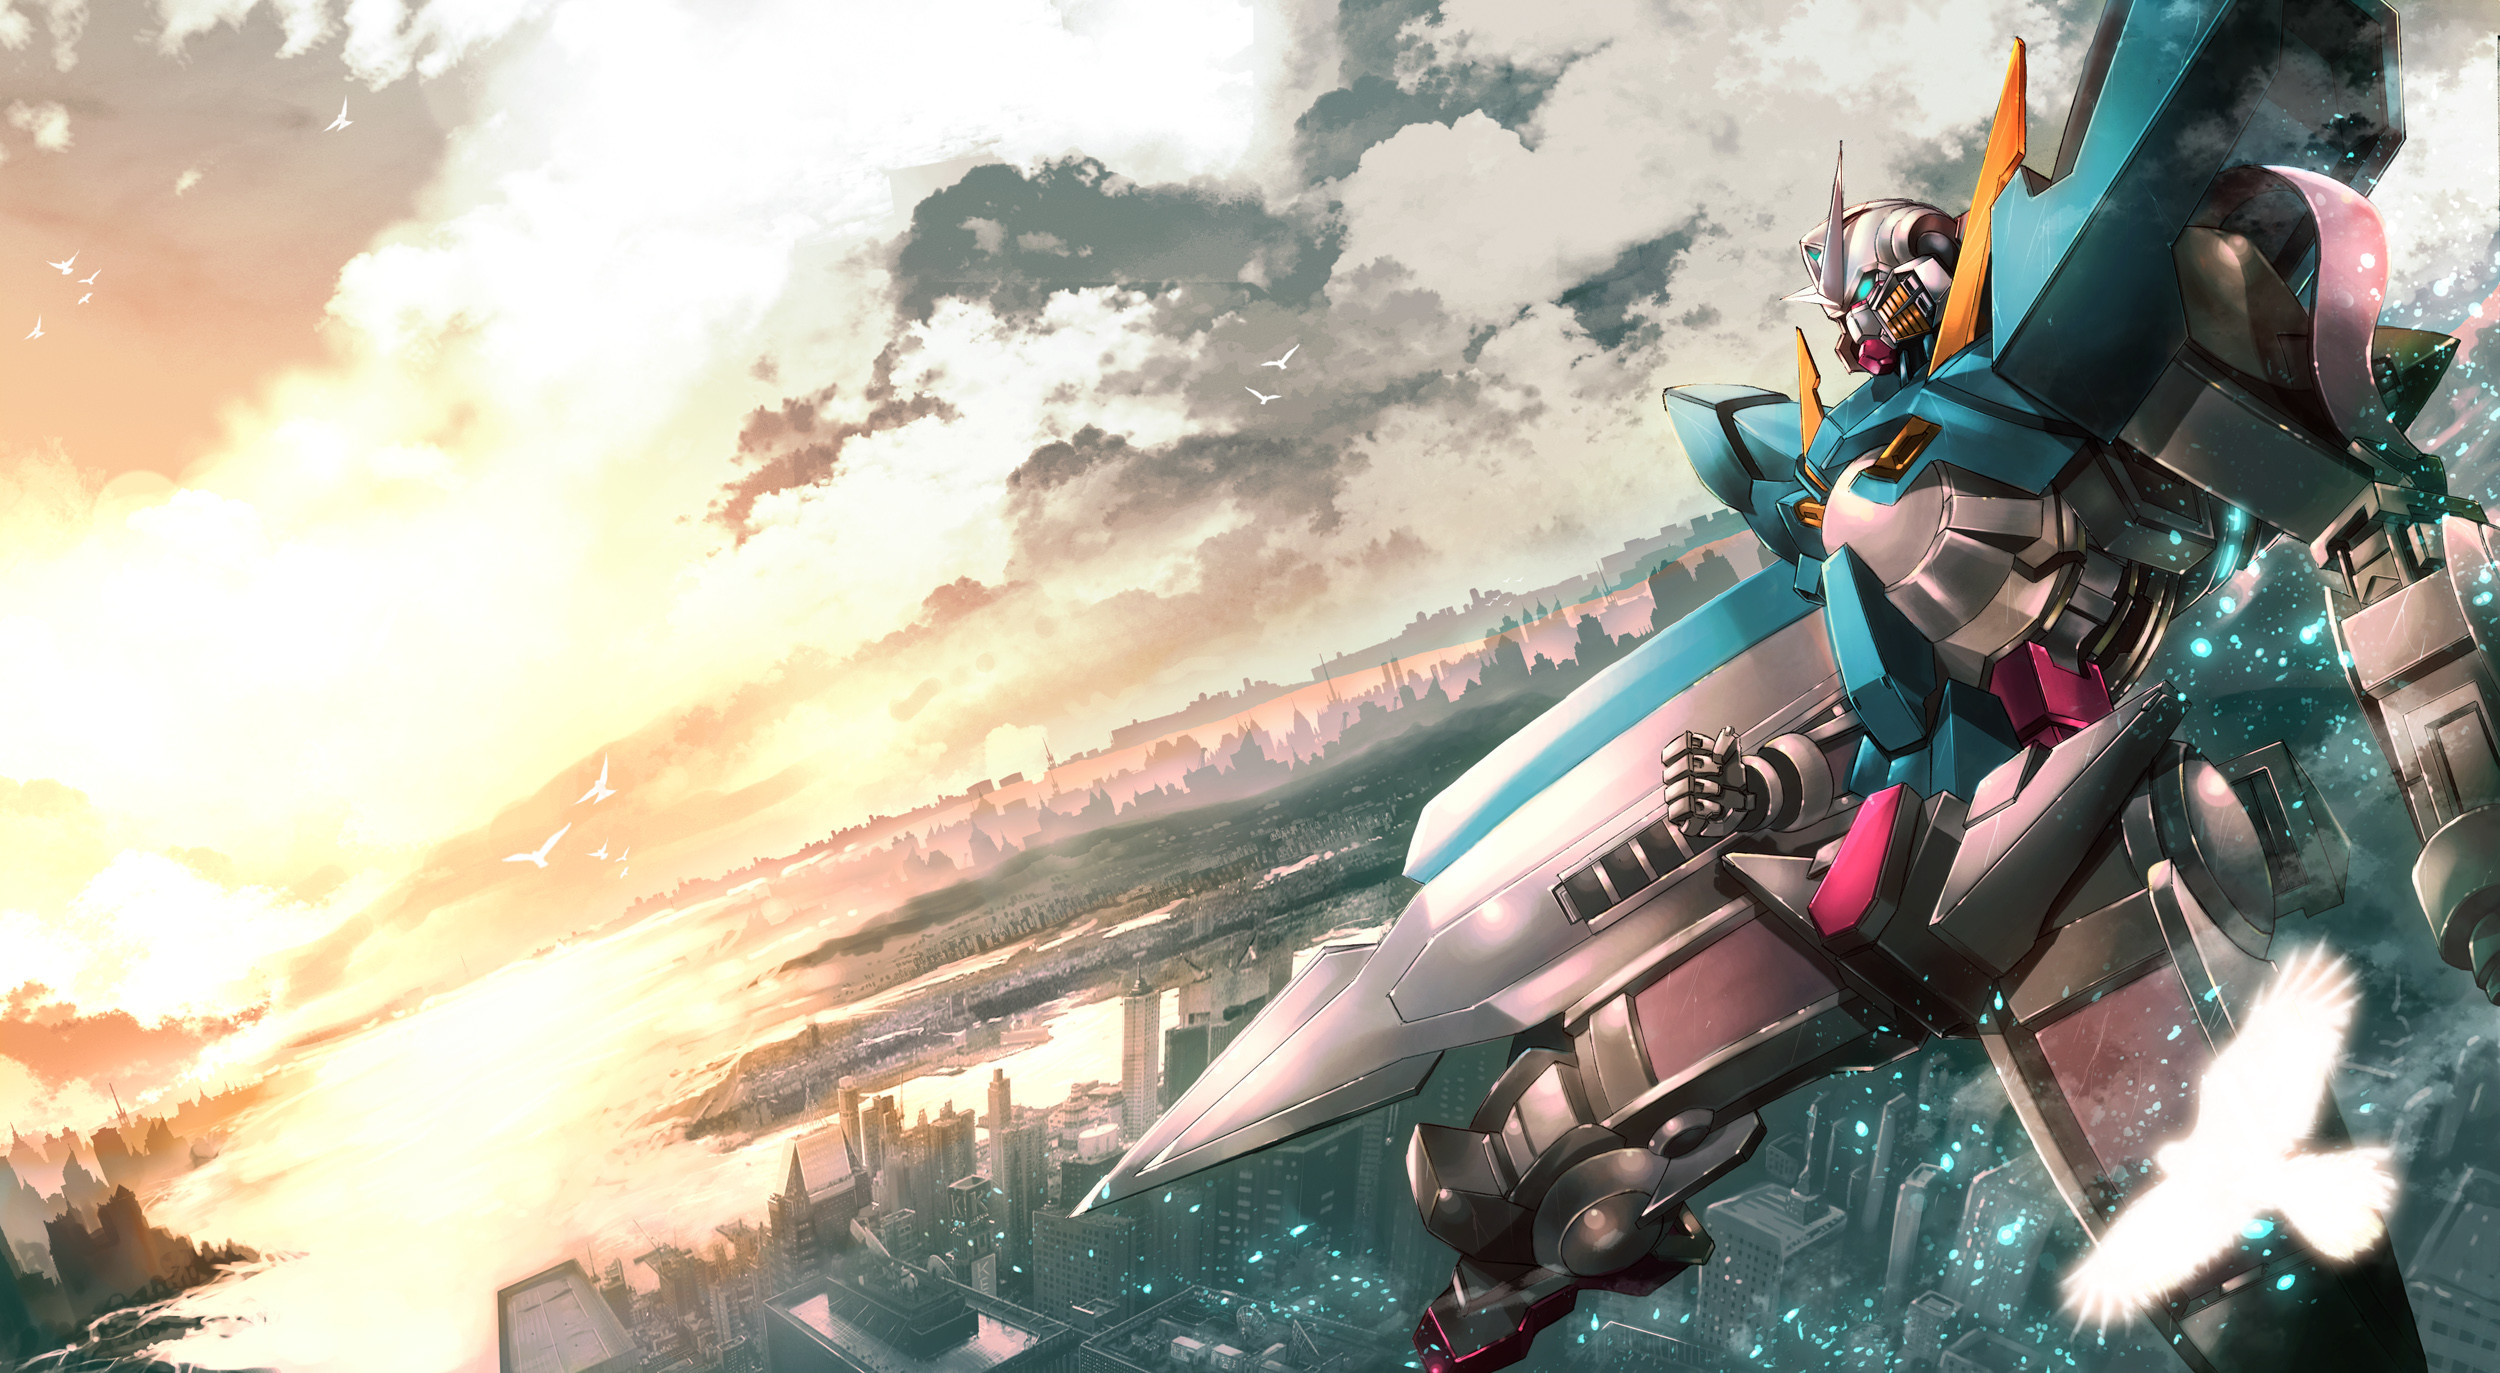 Gundam Wallpaper 1920x1080 65 Images